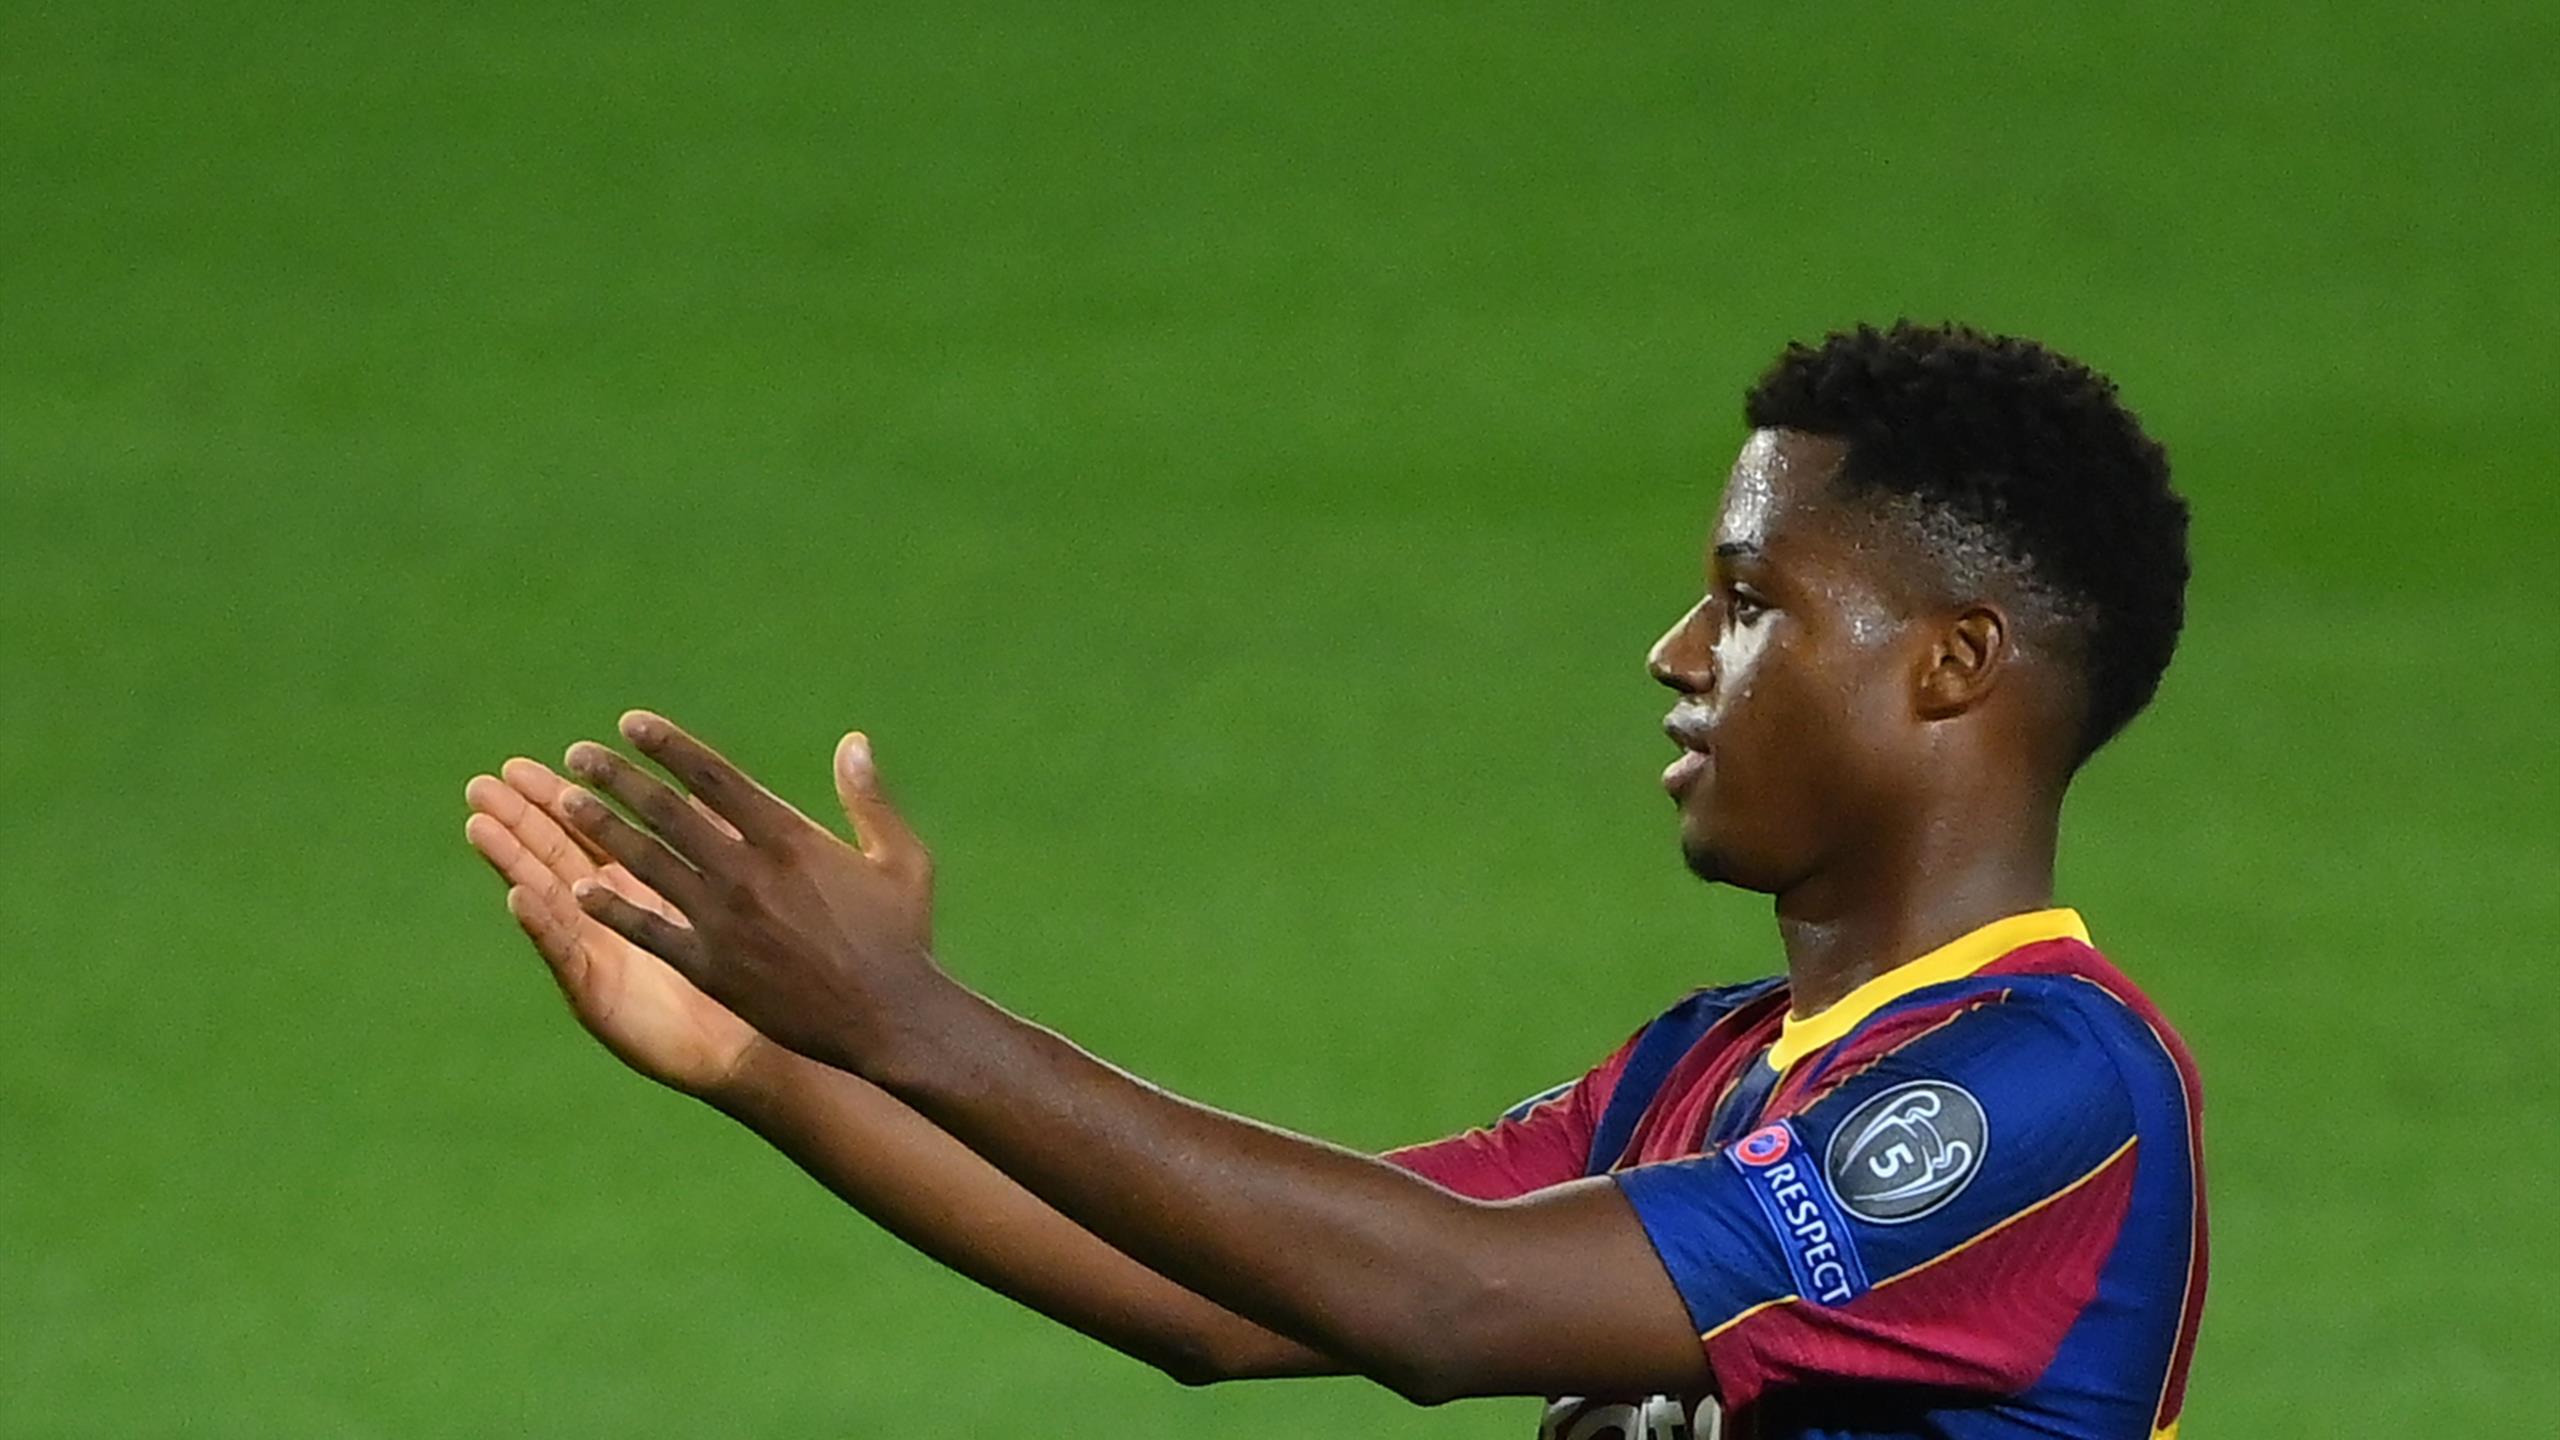 Ligue des champions - Le FC Barcelone s'impose face à Ferencvaros (5-1), Ansu Fati éblouissant - Eurosport